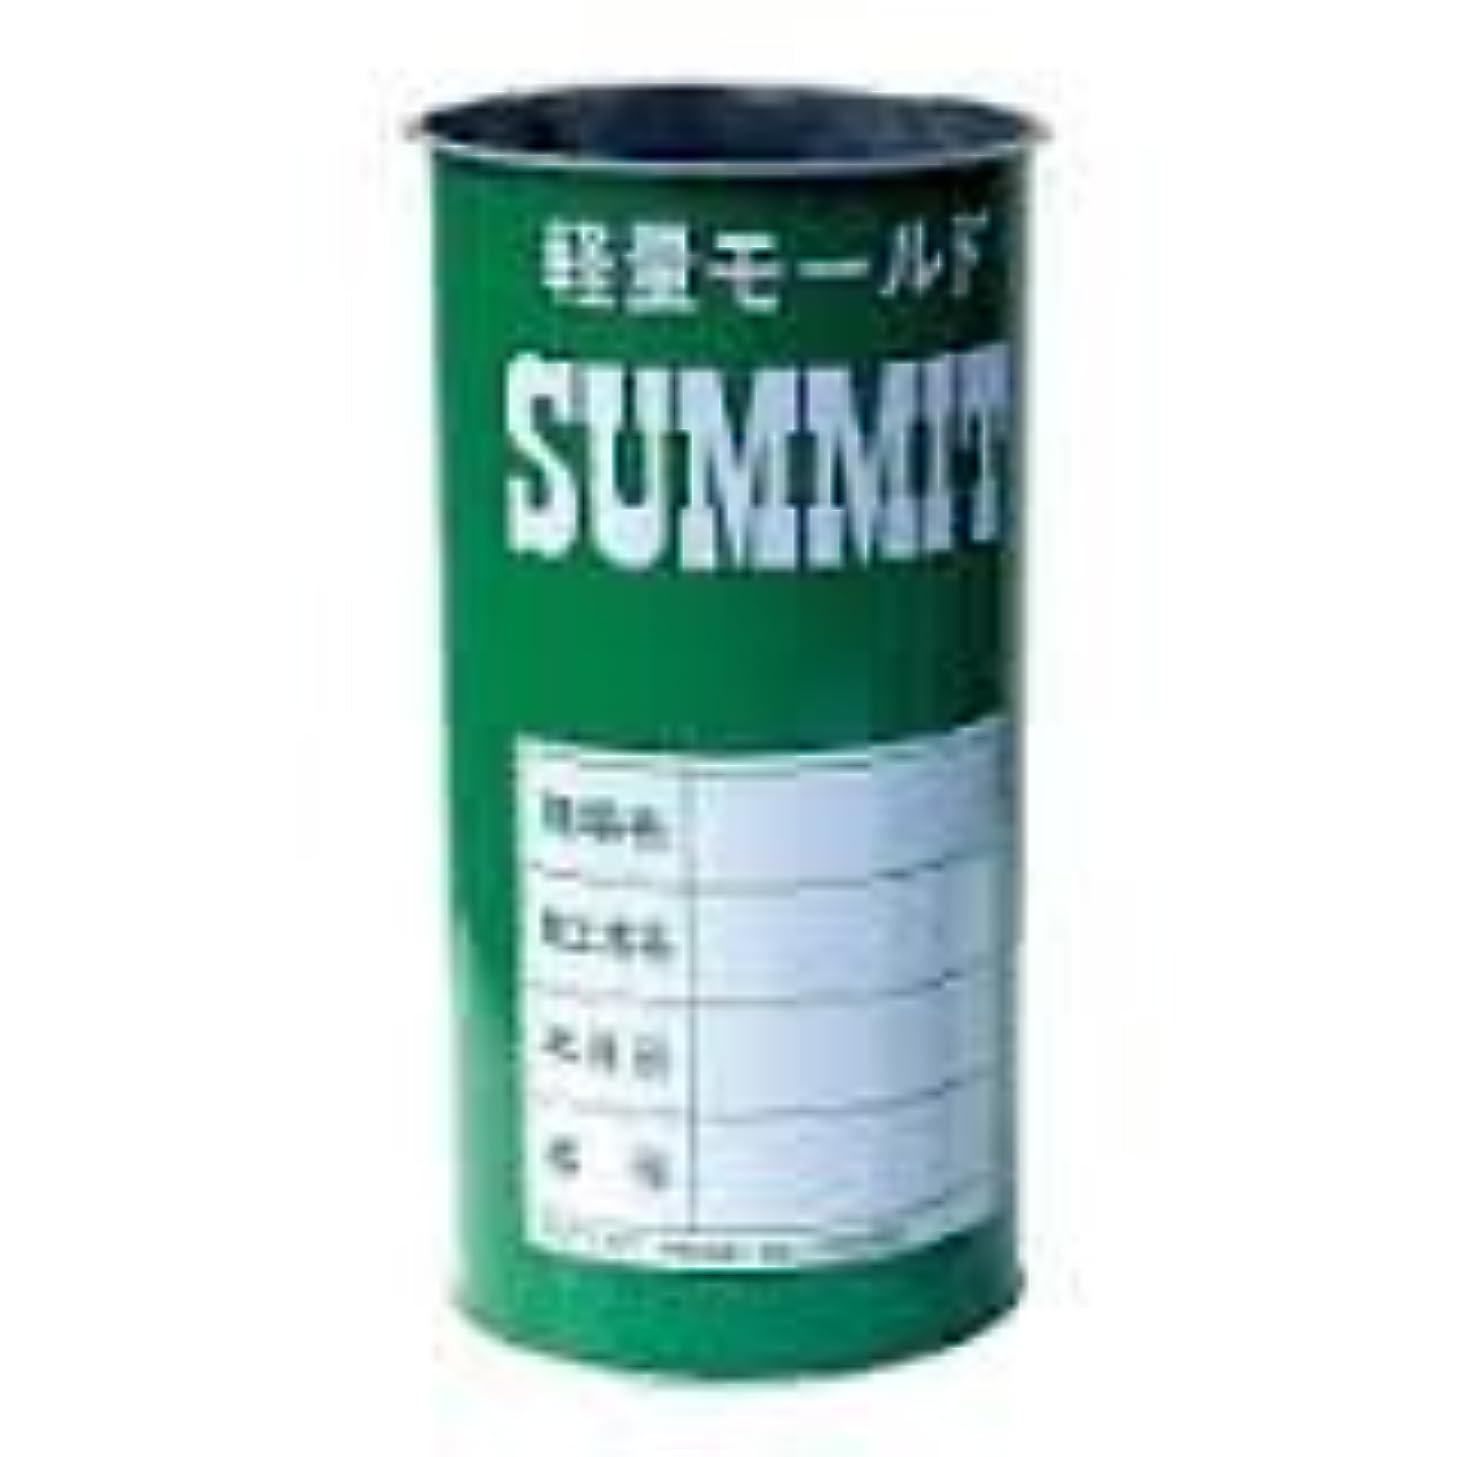 経営者頭痛セットアップサミットモールド φ5×10 60本入り サミット缶